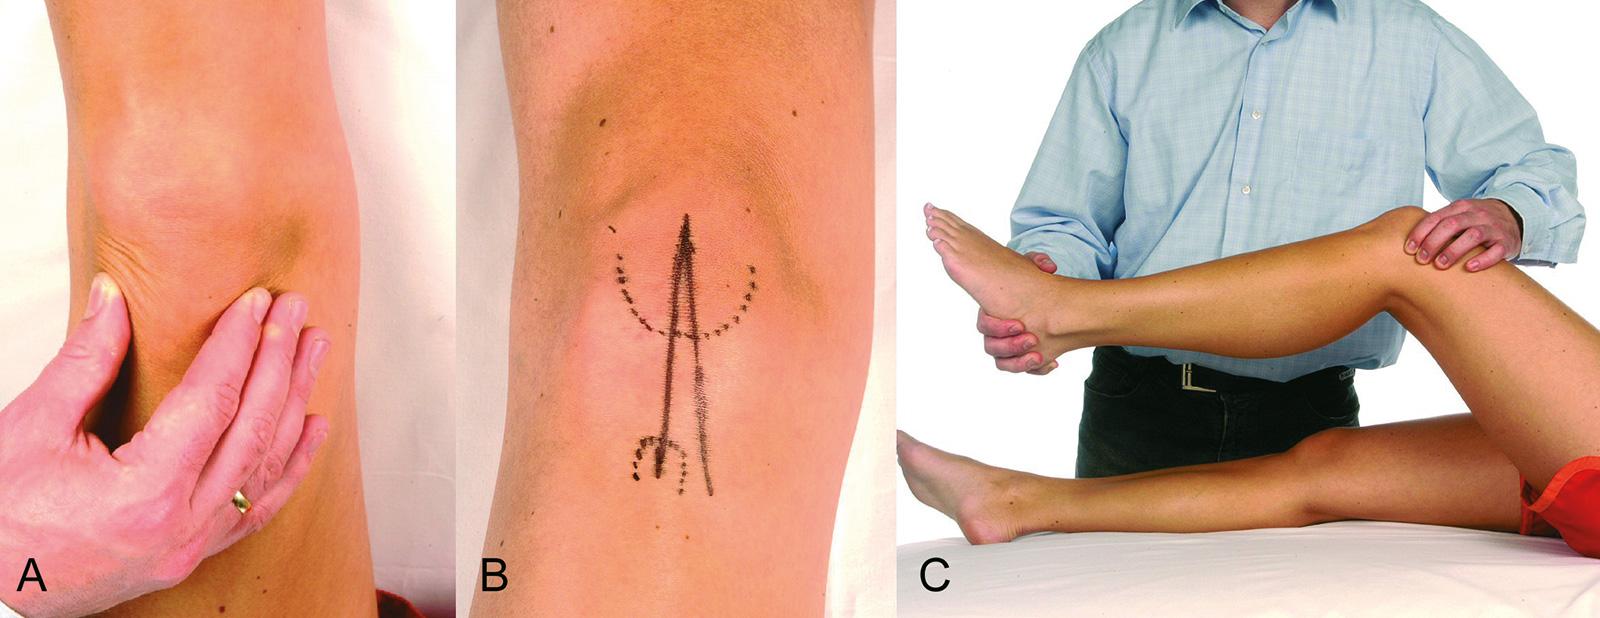 Abb. 2-65: Kniegelenksuntersuchung: Palpation von Patella (A), Q-Winkel (B), Patellaführung und Beurteilung eines retropatellaren Krepitus (C)